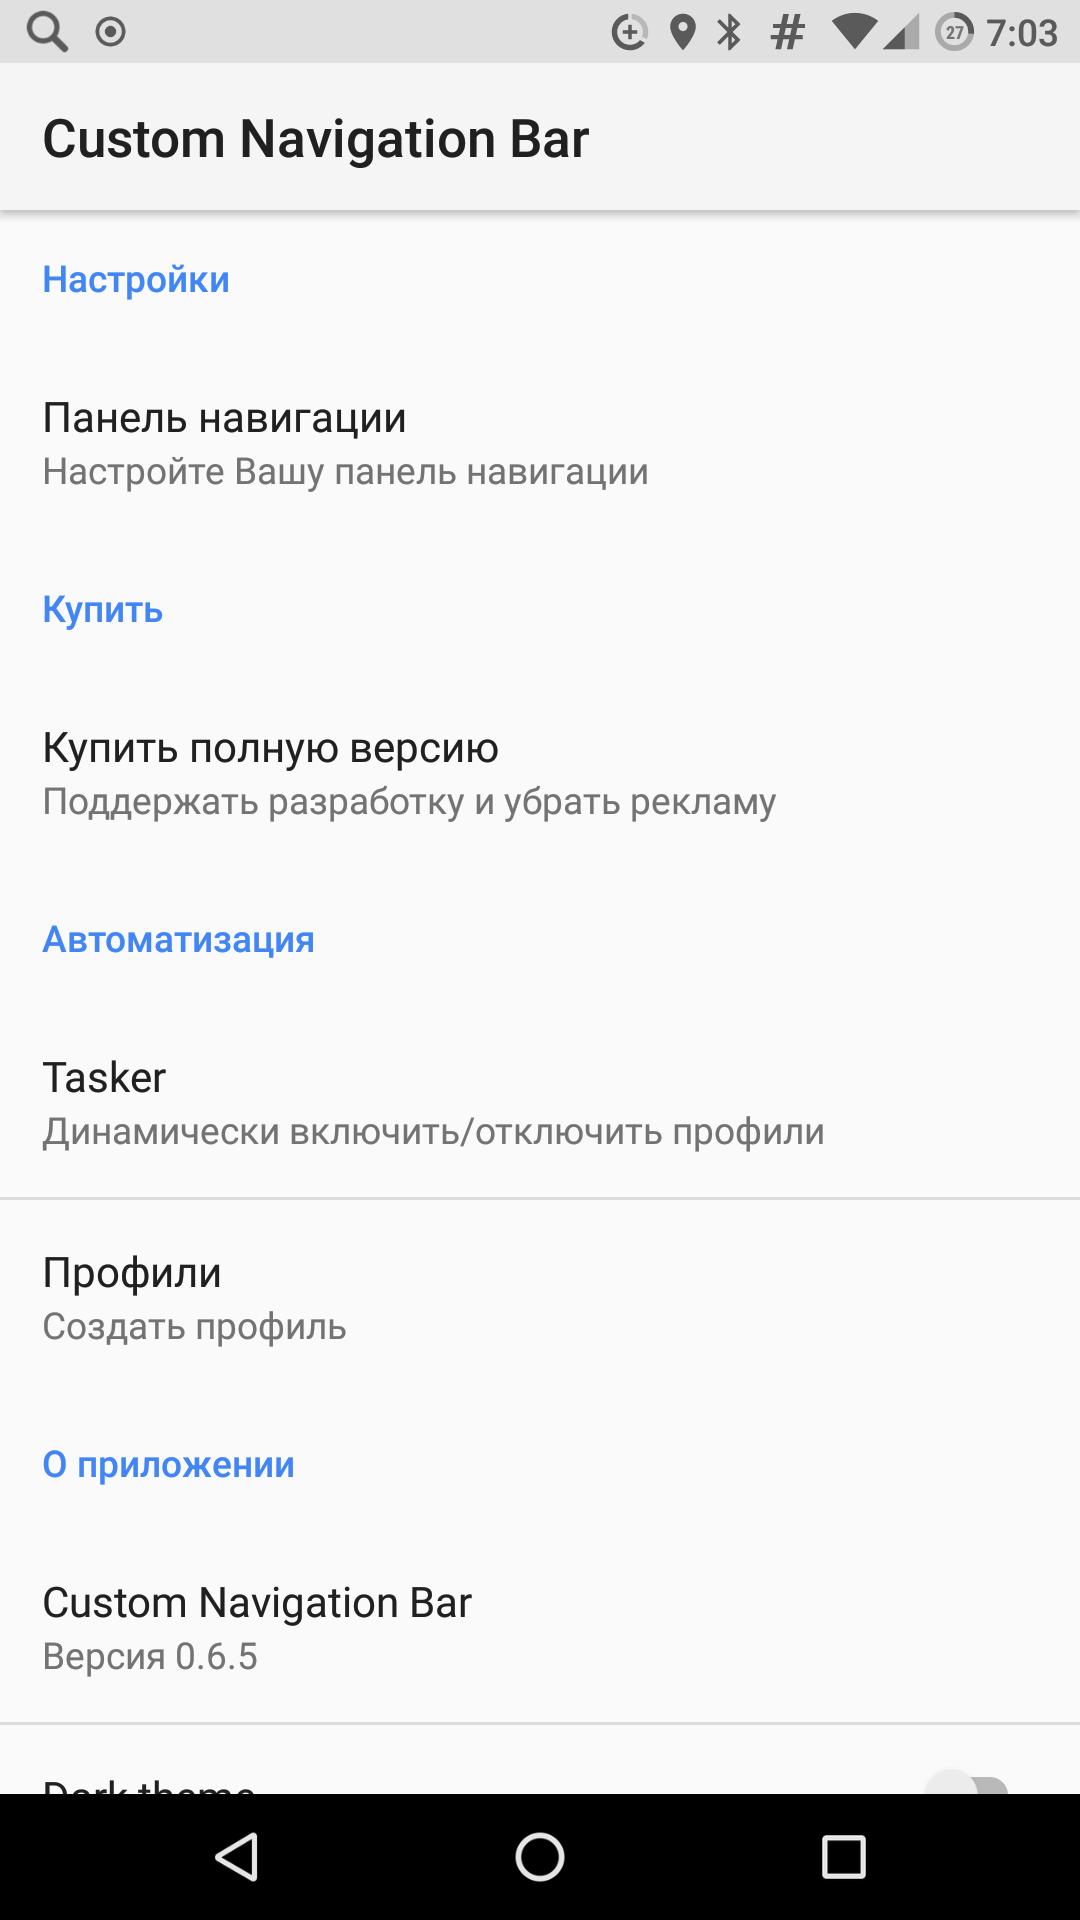 Главный экран и меню быстрой настройки кнопок